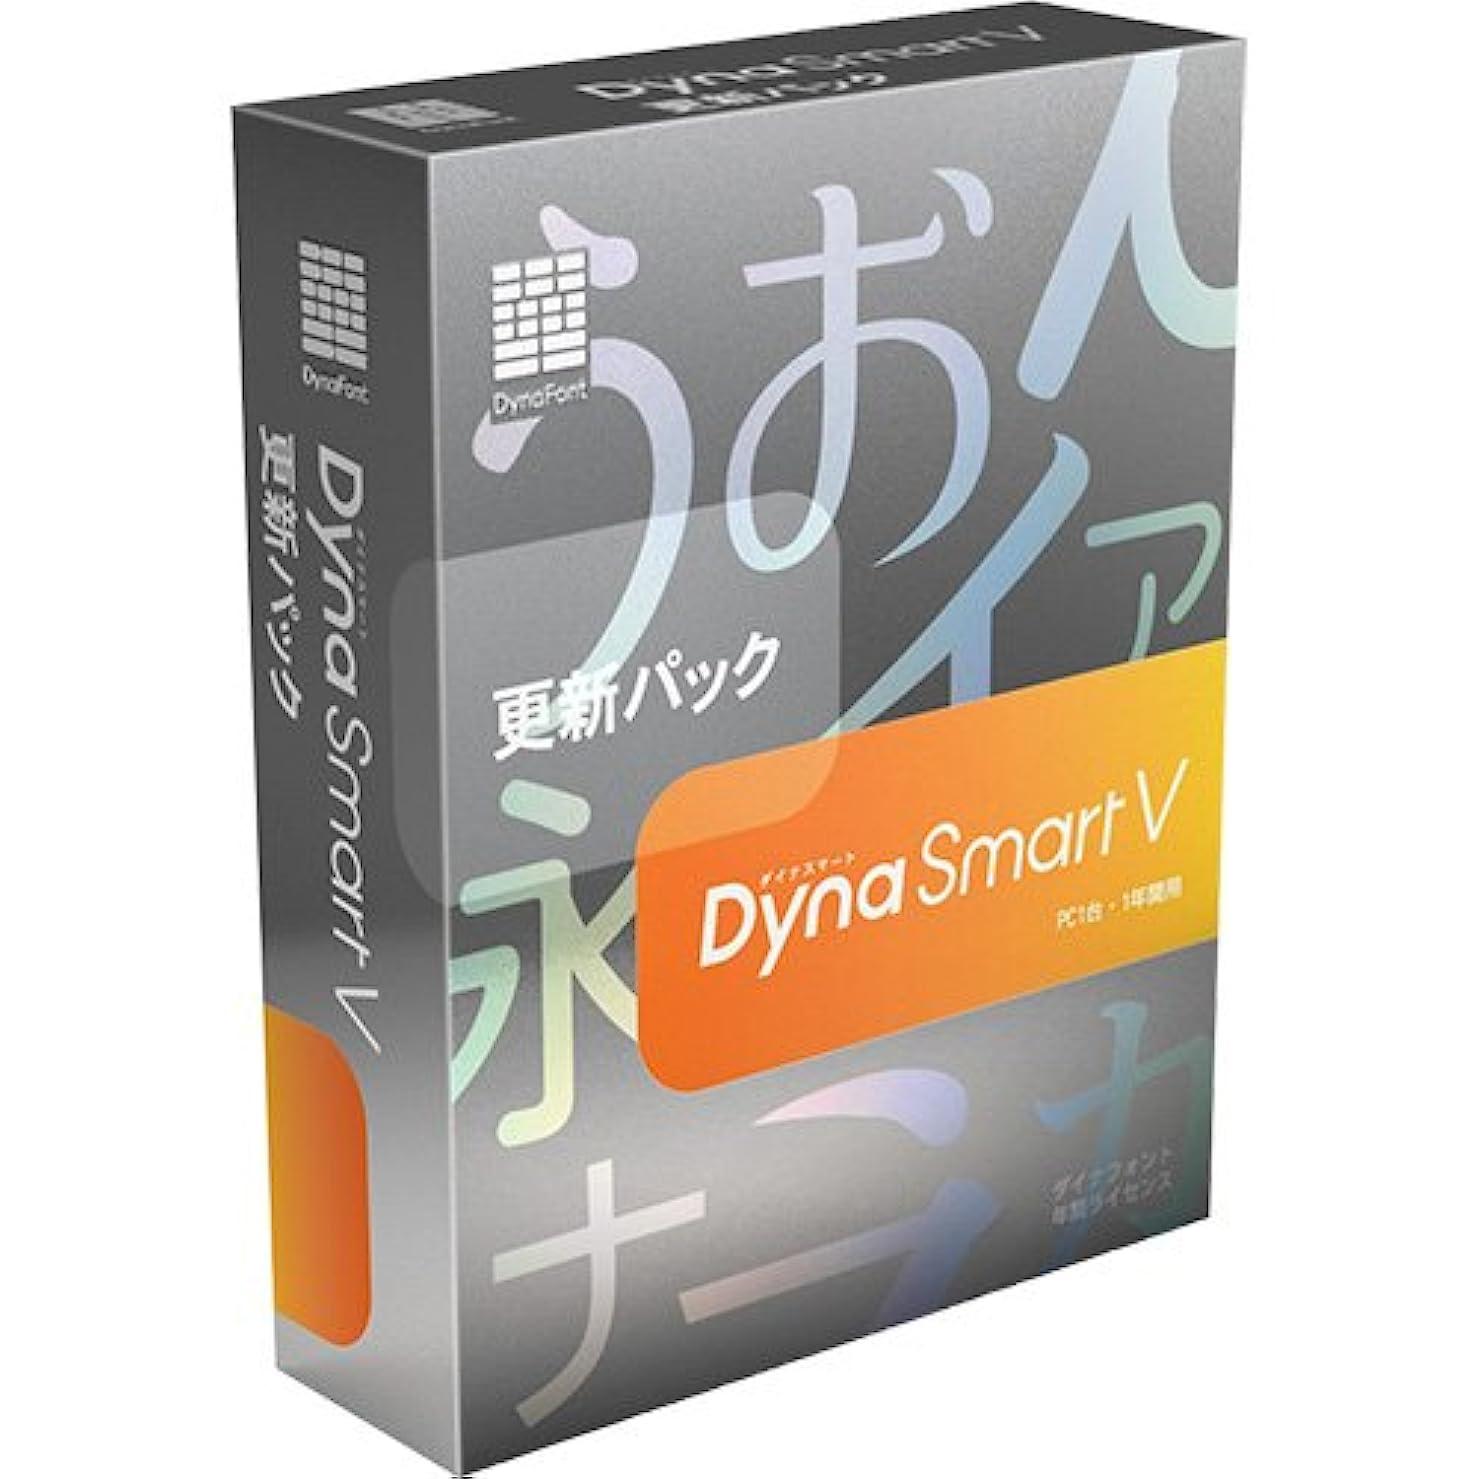 ダイナコムウェア DynaSmart V 更新パック